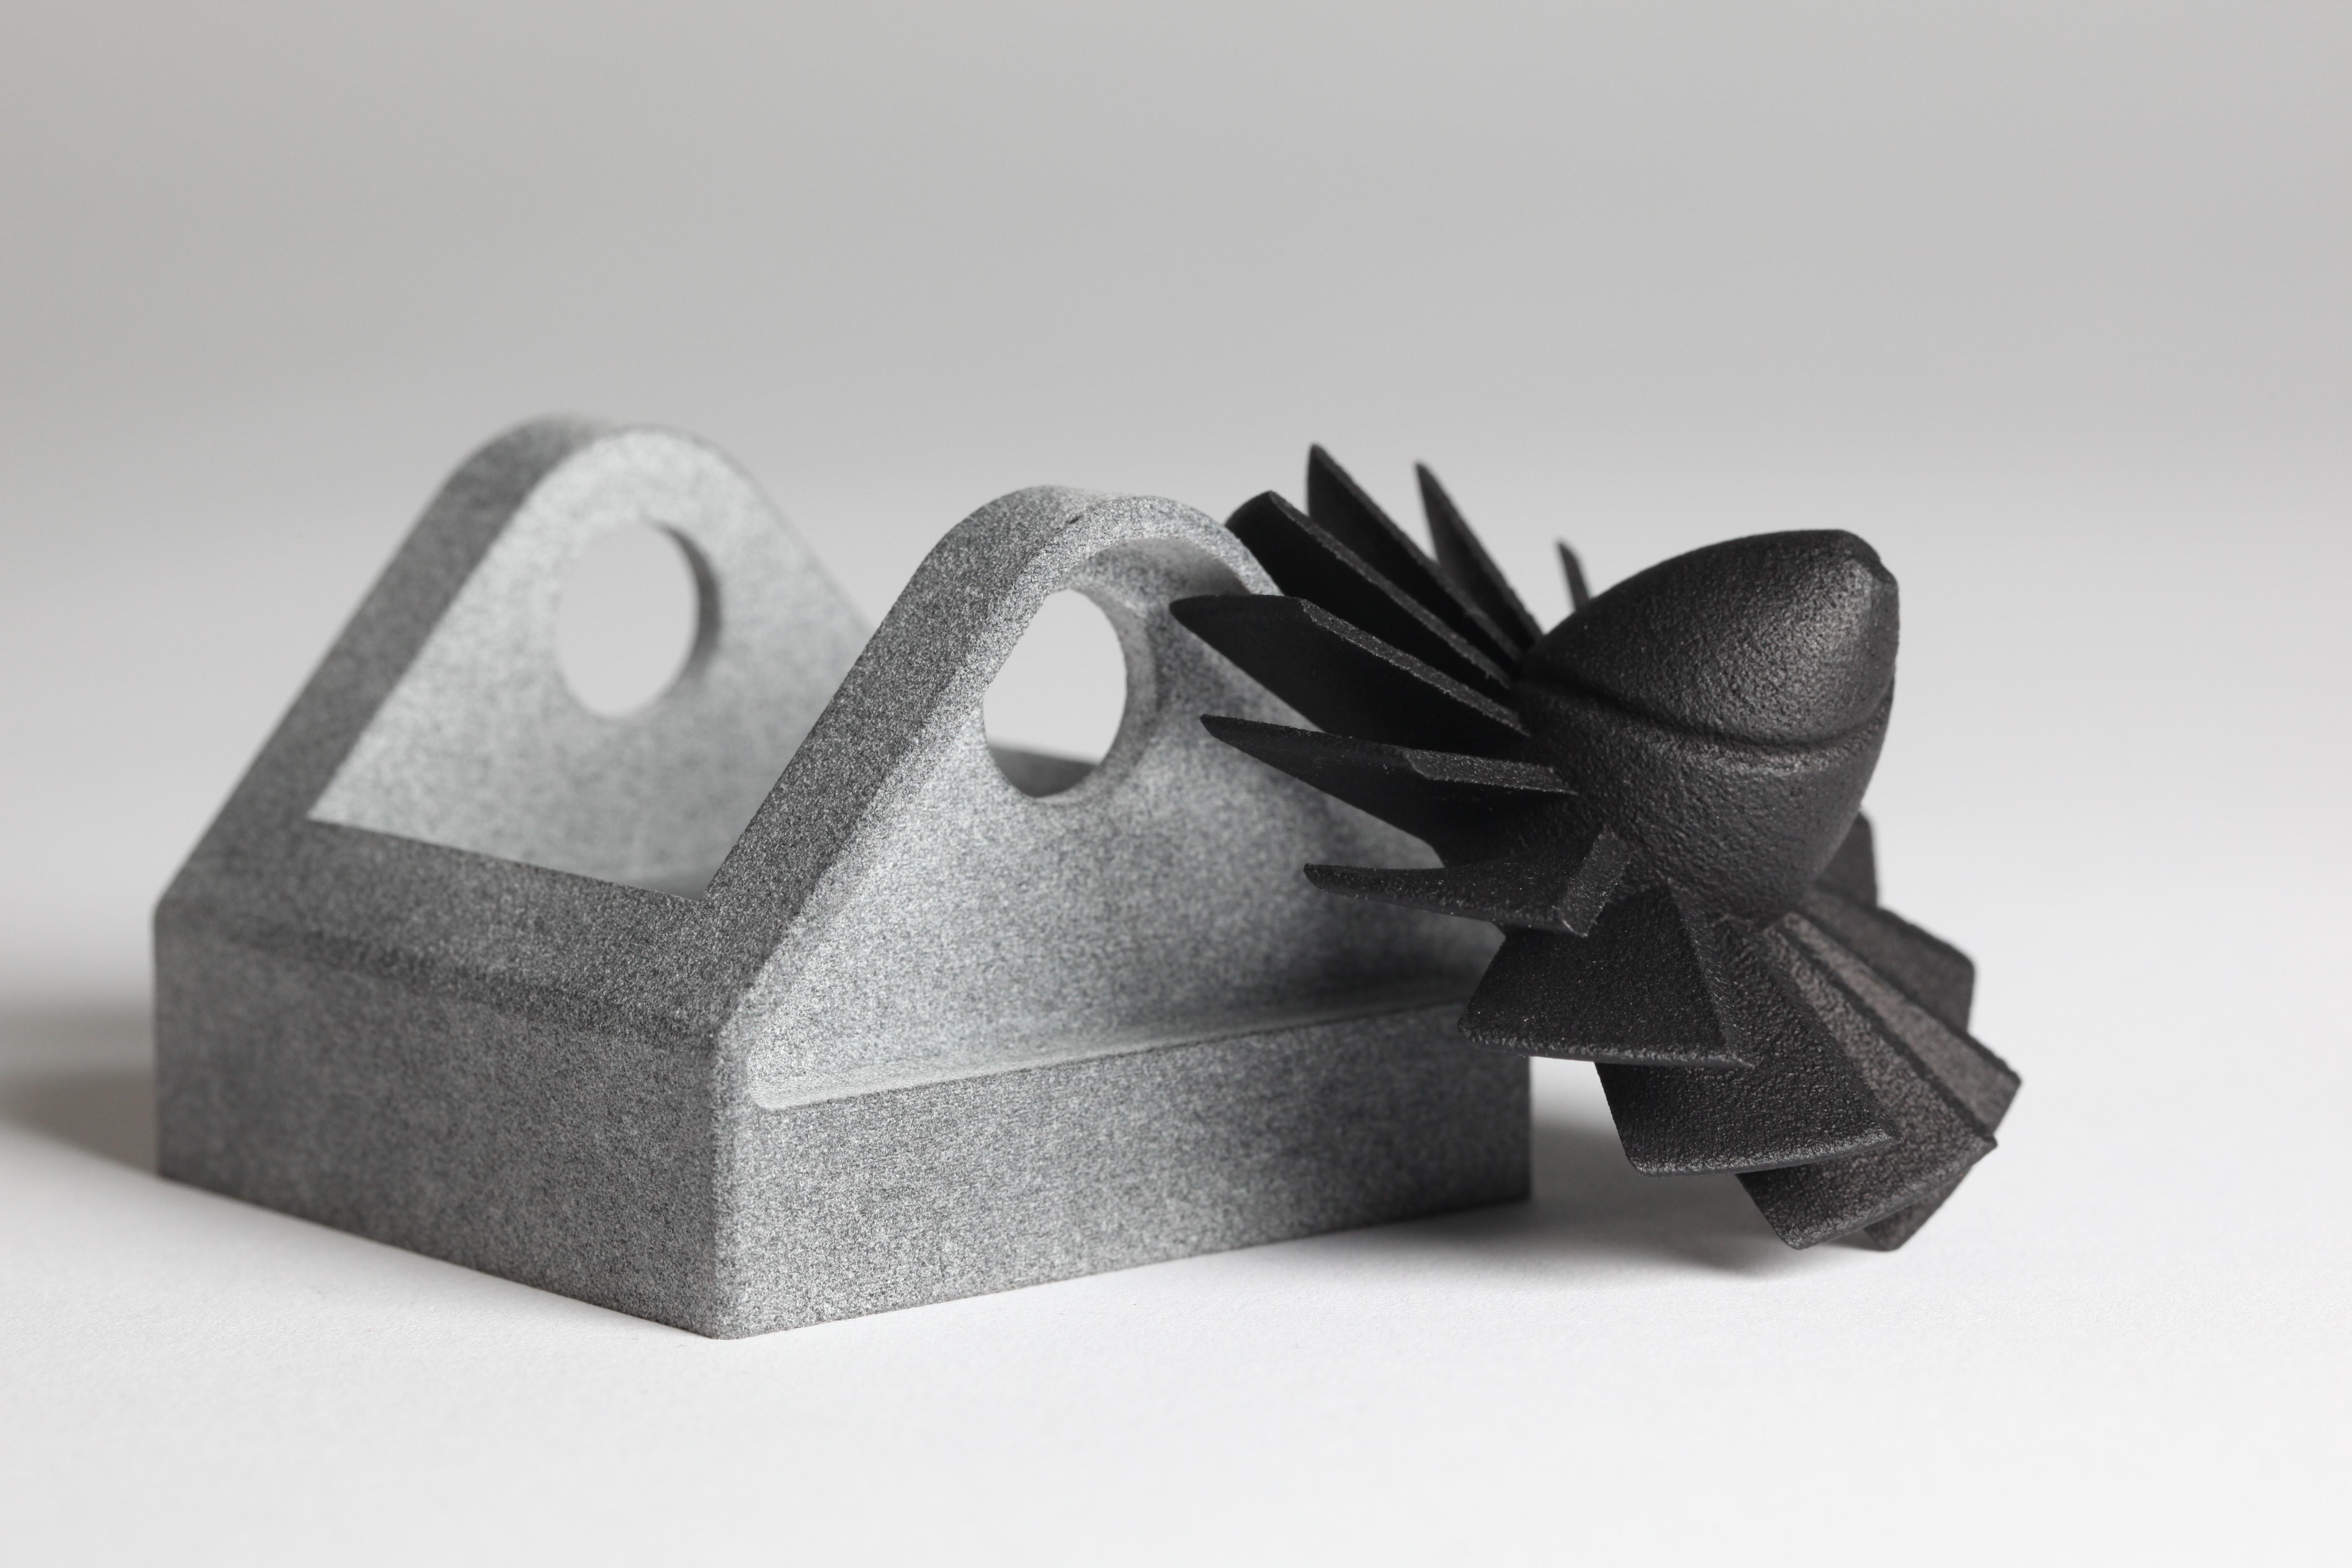 nylon sls 3d printing